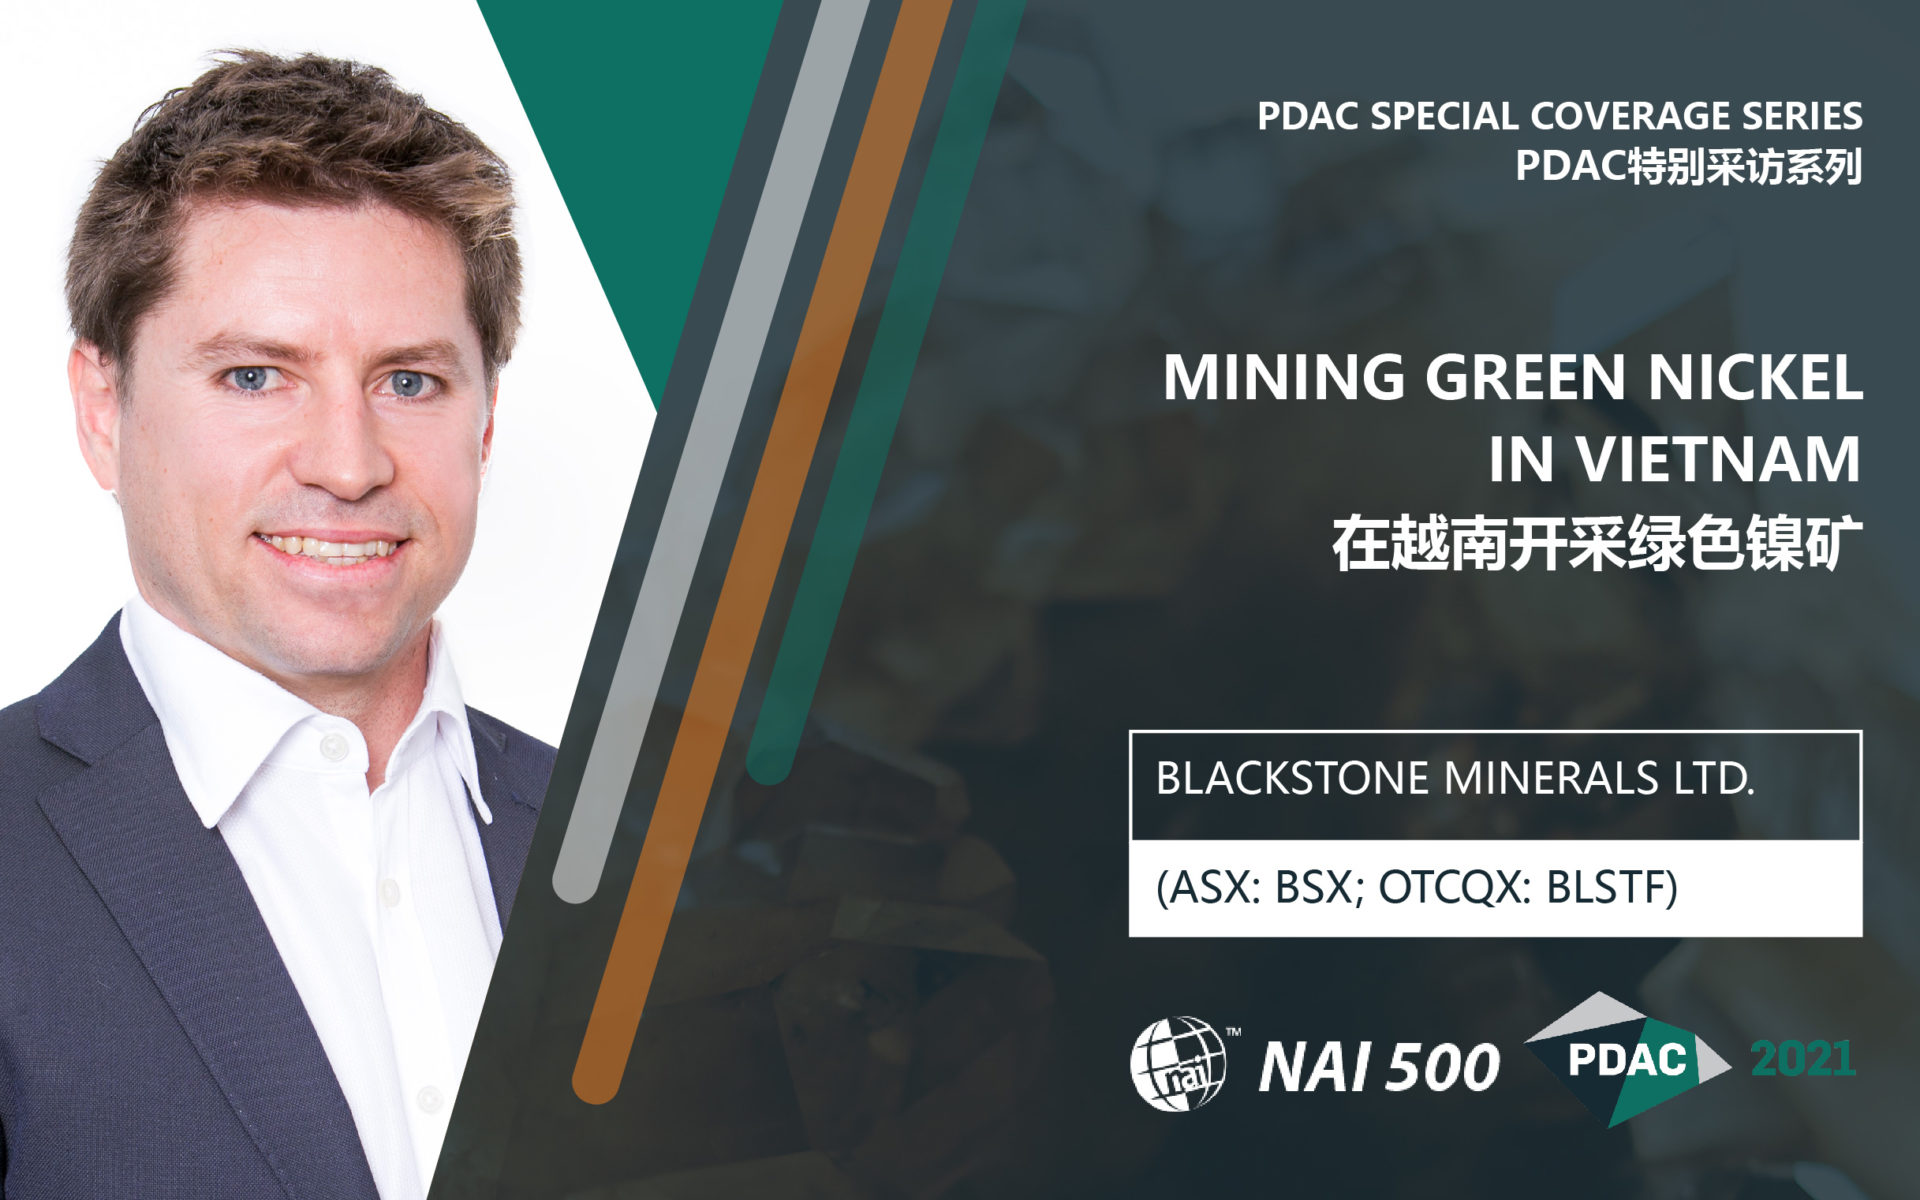 Blackstone Minerals